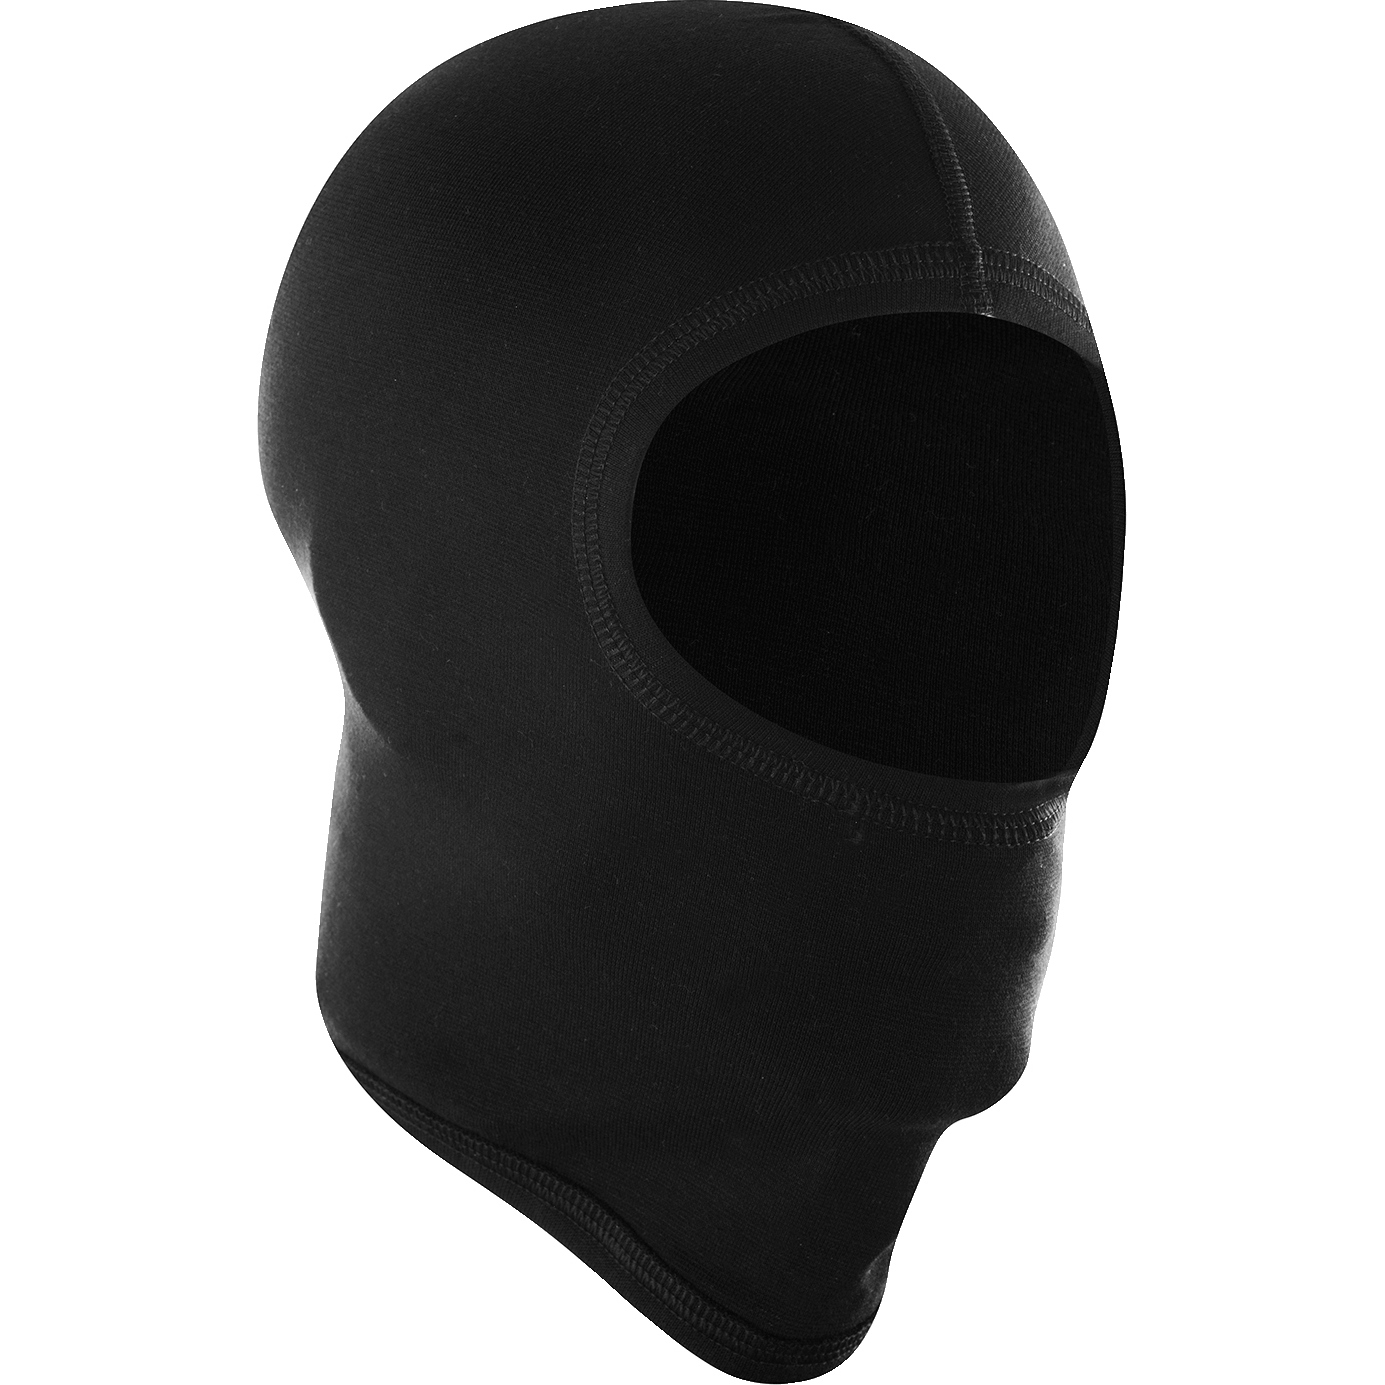 Bild von Löffler Kinder Ski Maske Transtex® Warm 24017 - schwarz 990